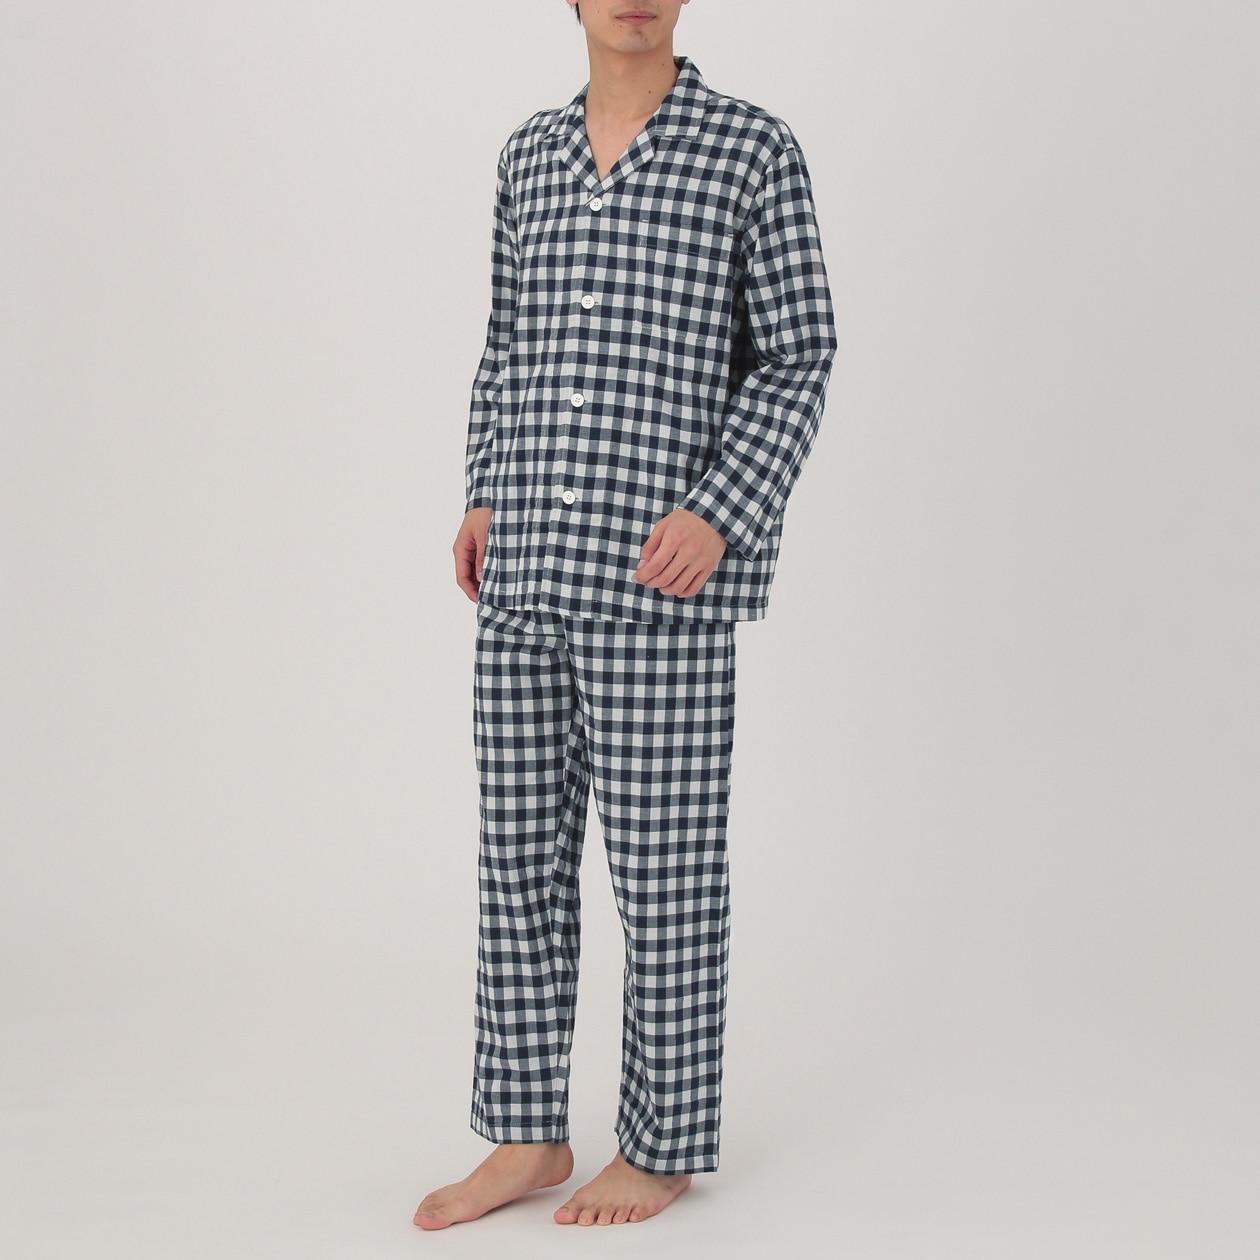 無印良品 脇に縫い目のない二重ガーゼパジャマ